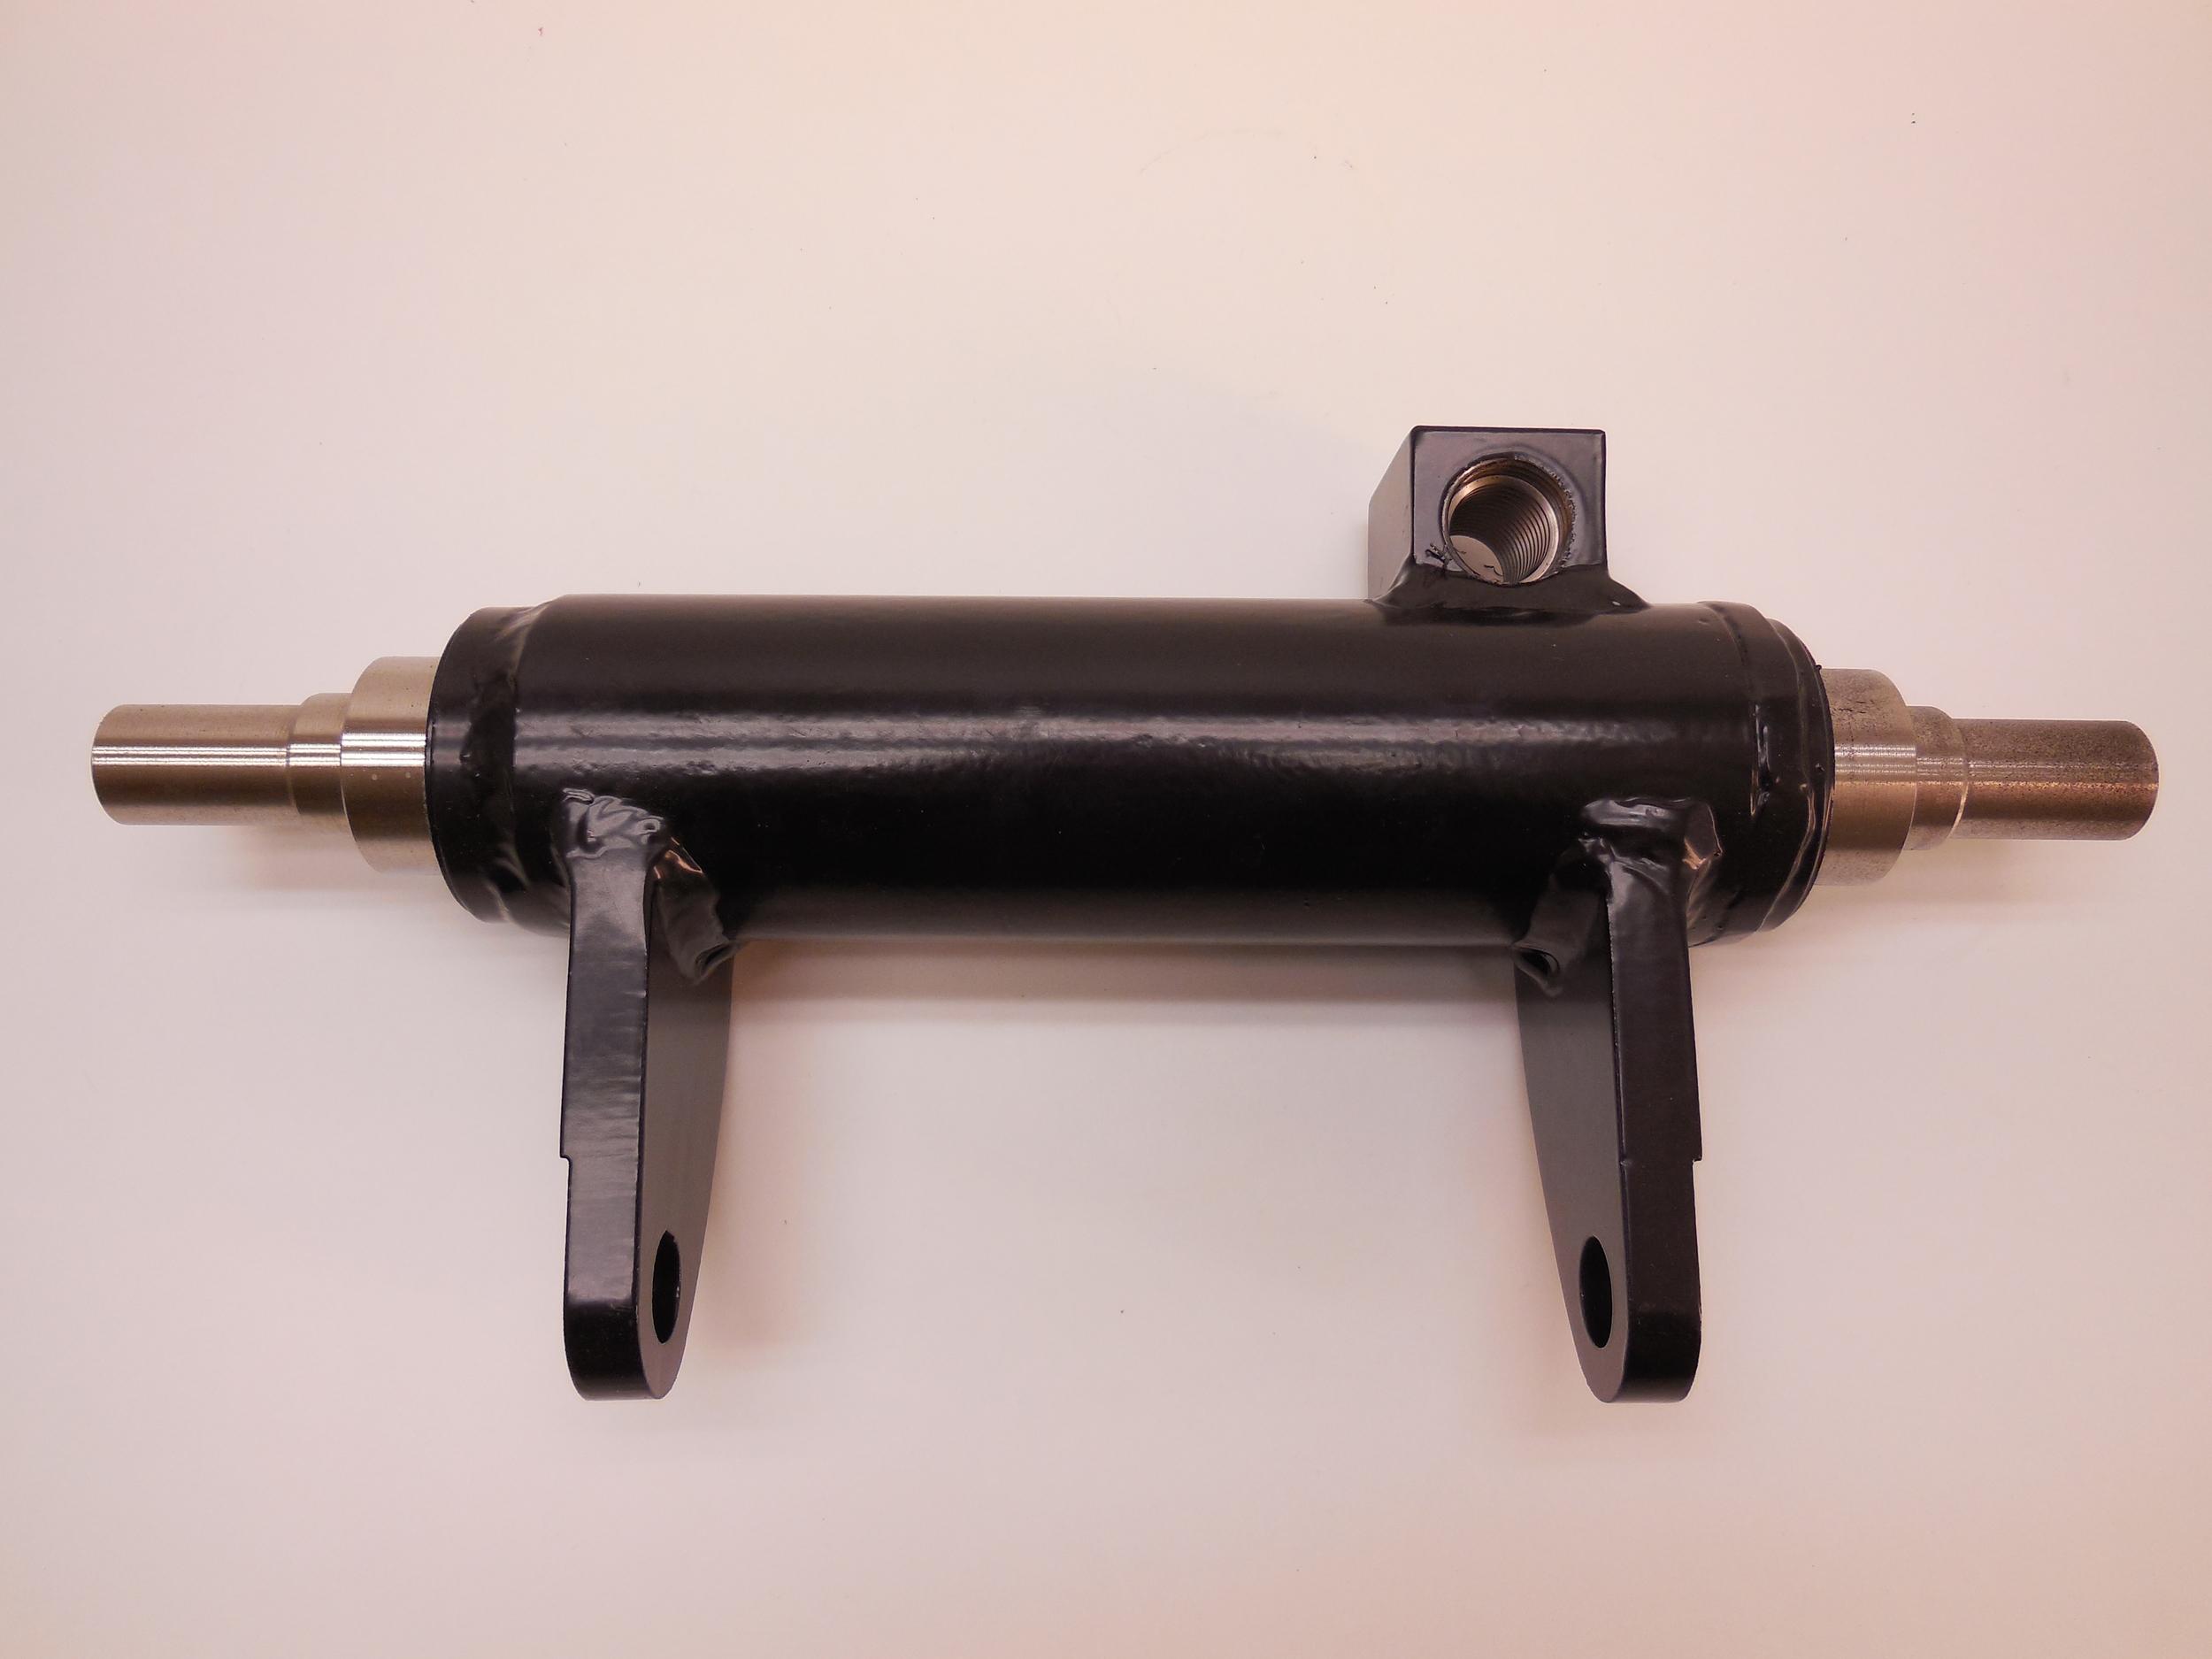 Tension Arm   Häggo Nr: 253 6118-801 price: 6390 sek